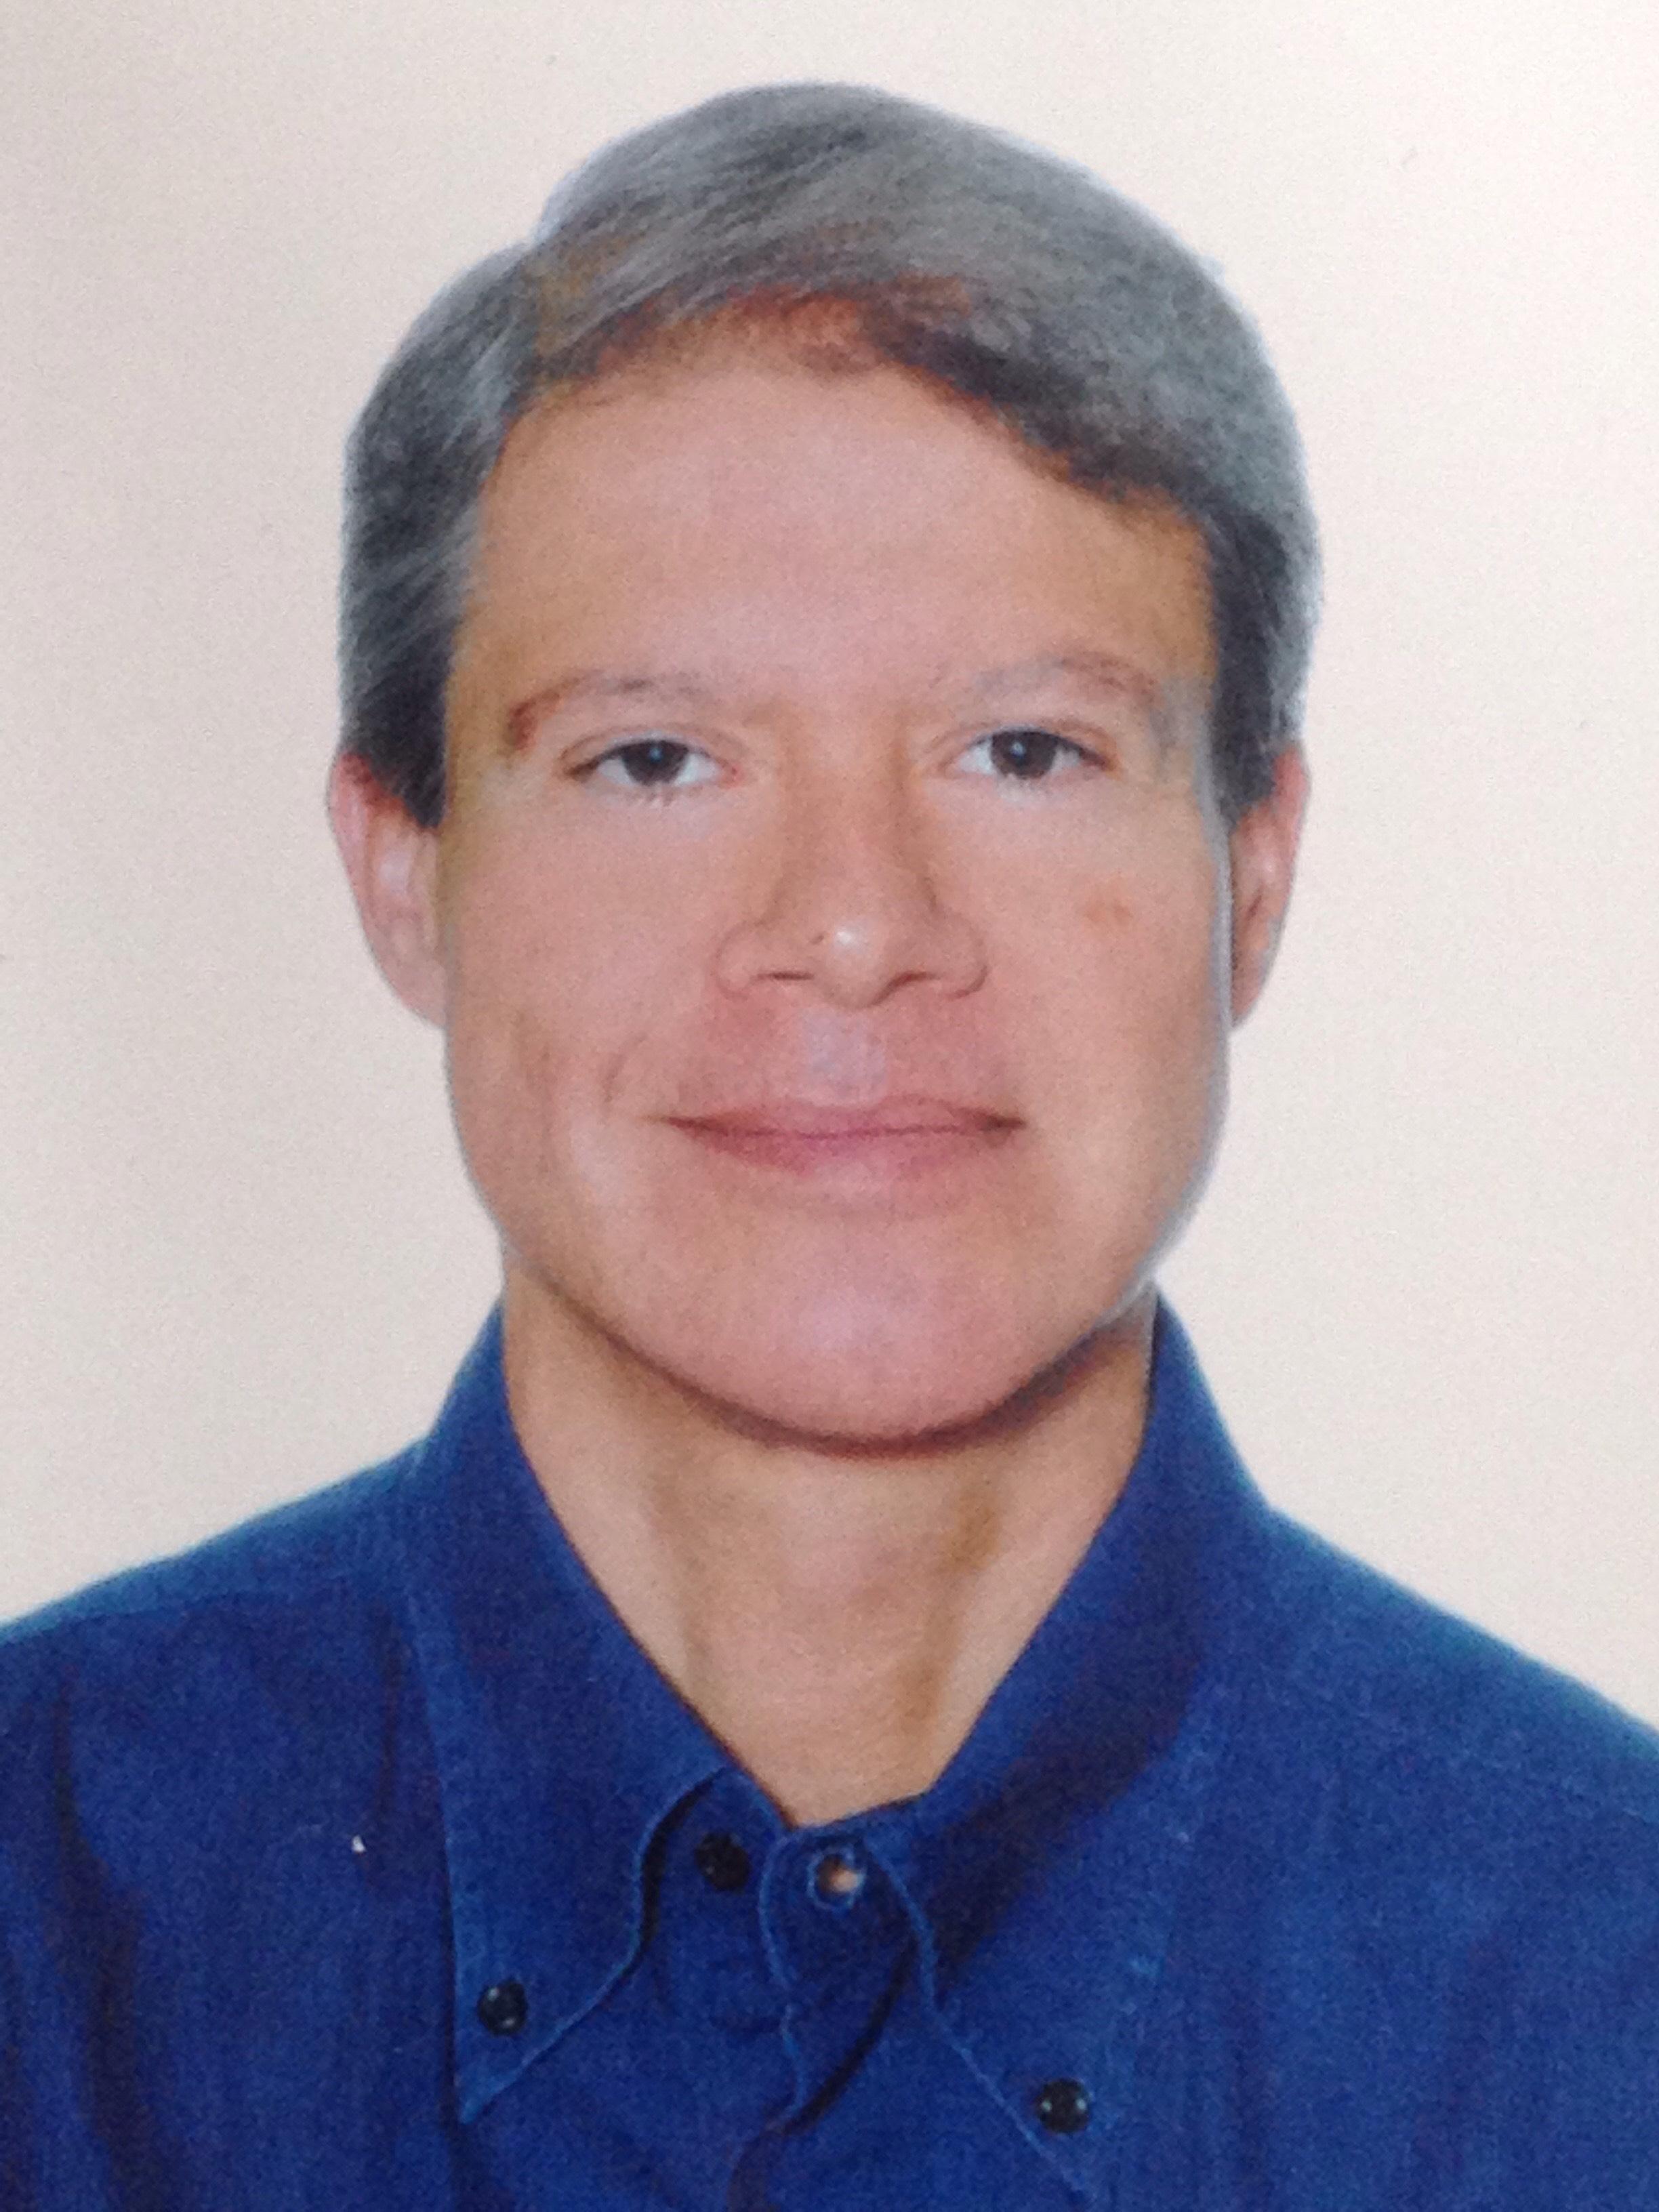 Michael Radmann - Board Member